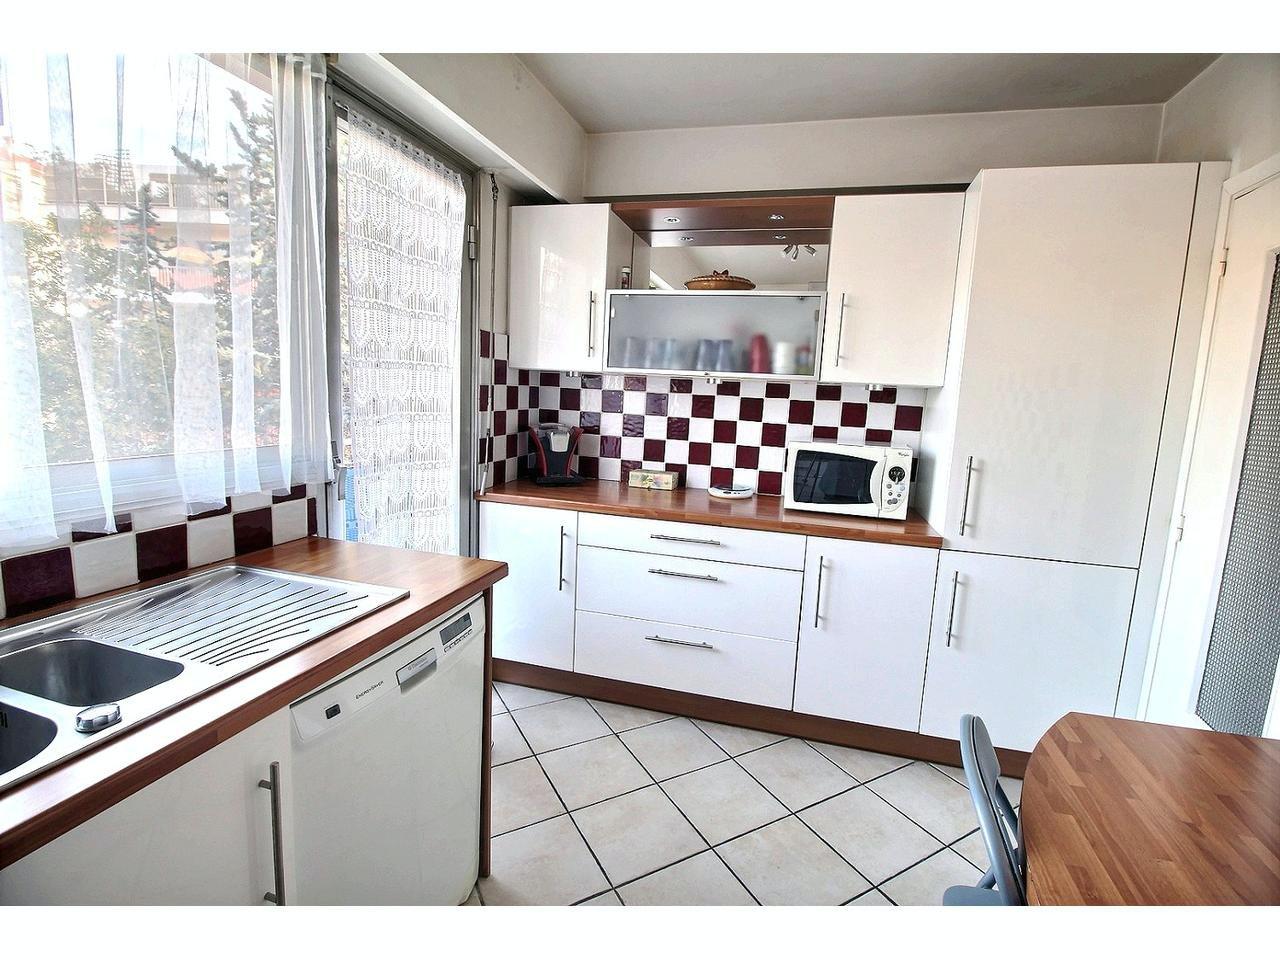 Lägenhet med terrass och balkong